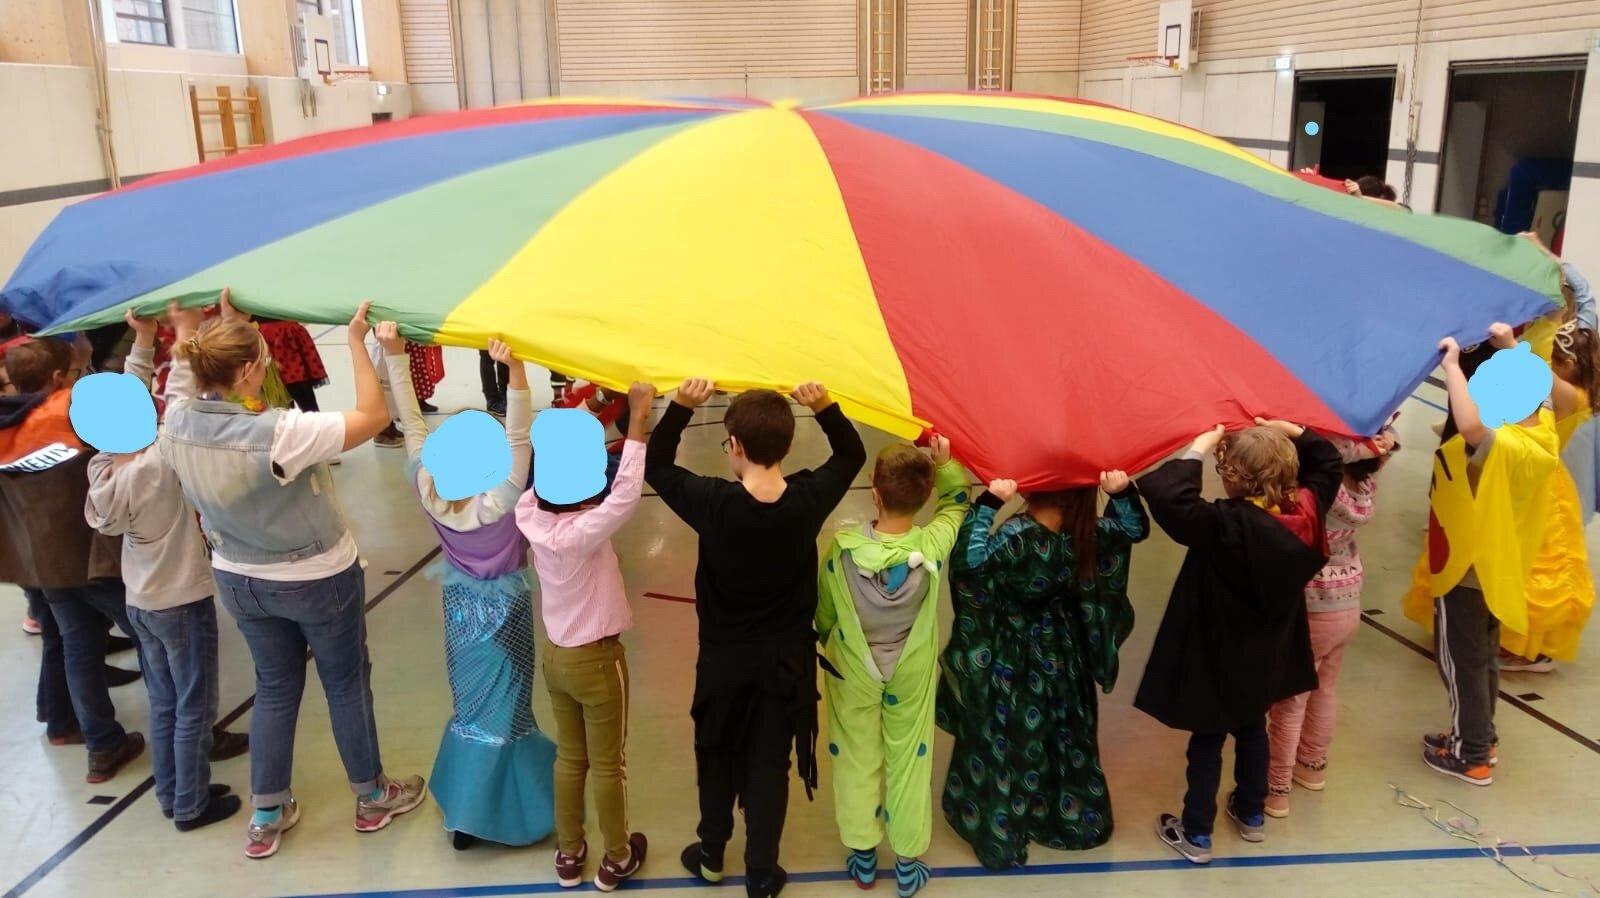 Fasching in der Grundschule – Spiele mit dem Schwungtuch